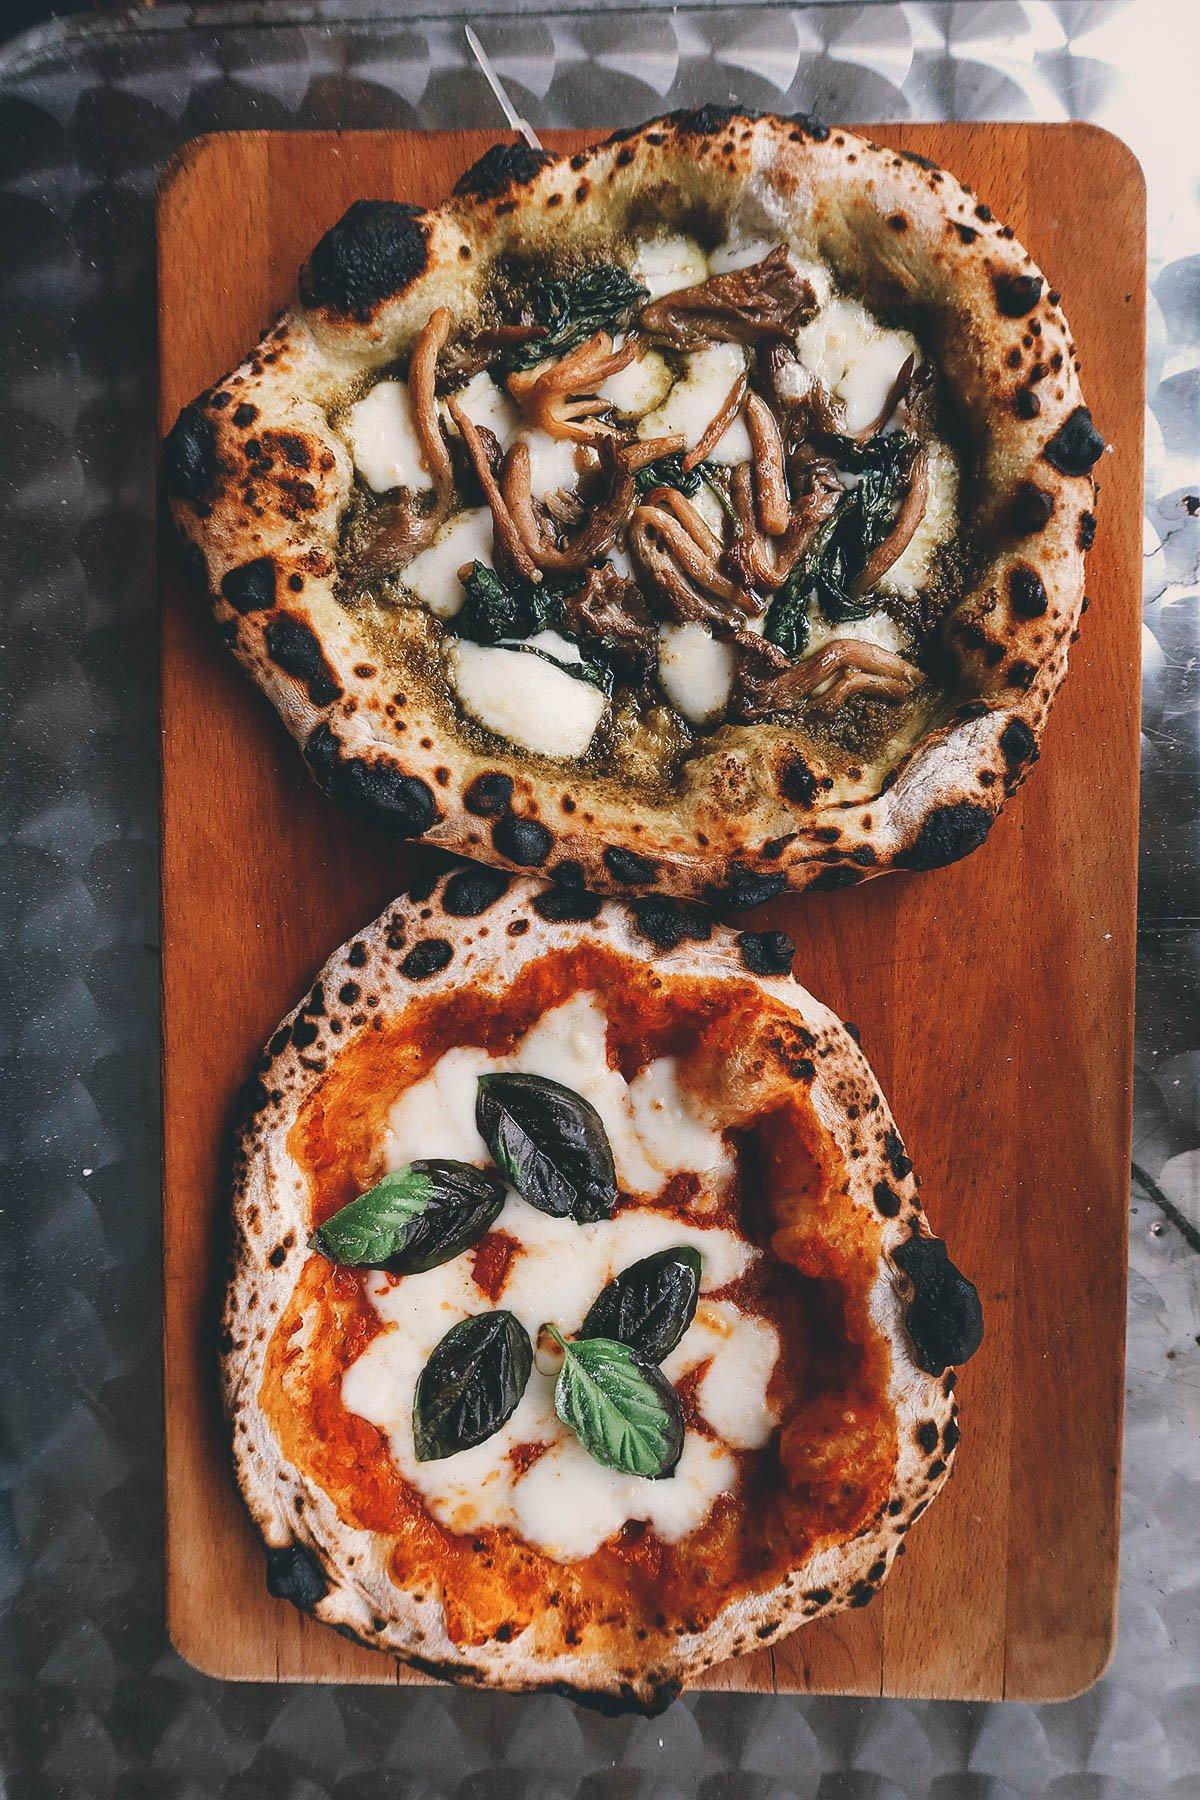 Two Neapolitan-style pizzas